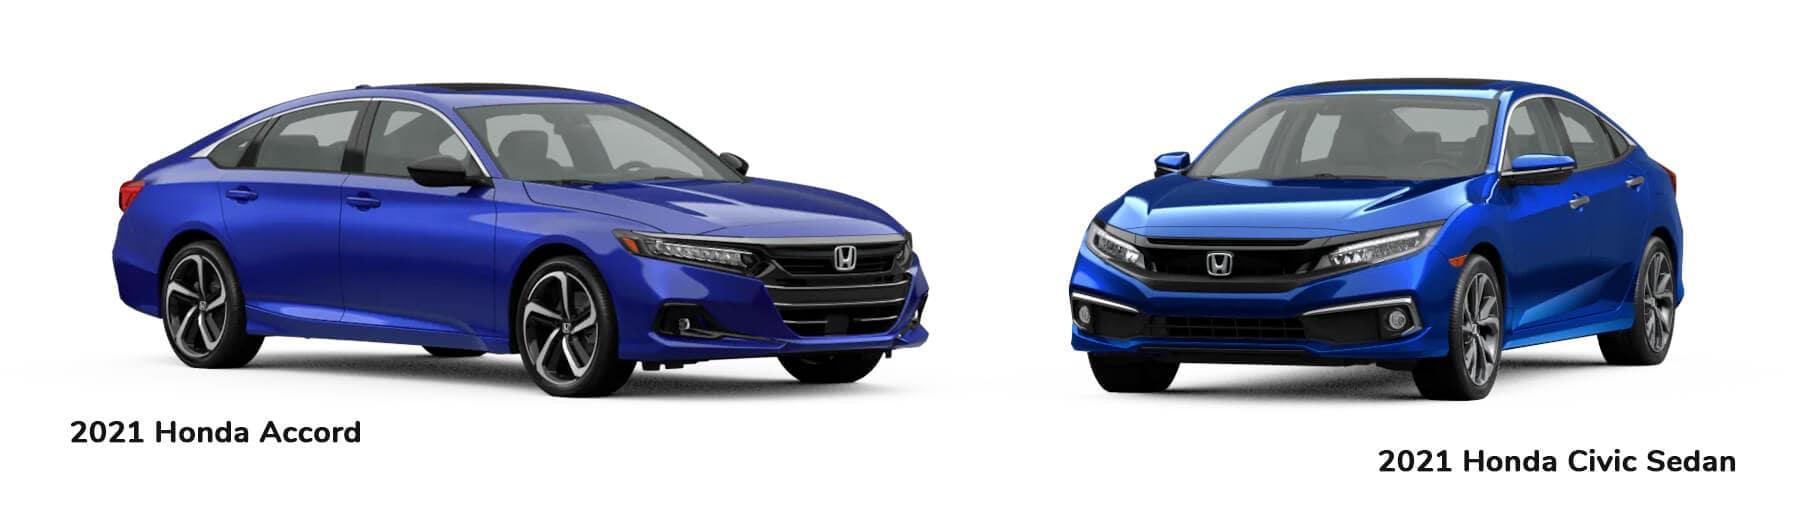 2021 Accord vs. 2021 Civic Sedan Jellybean